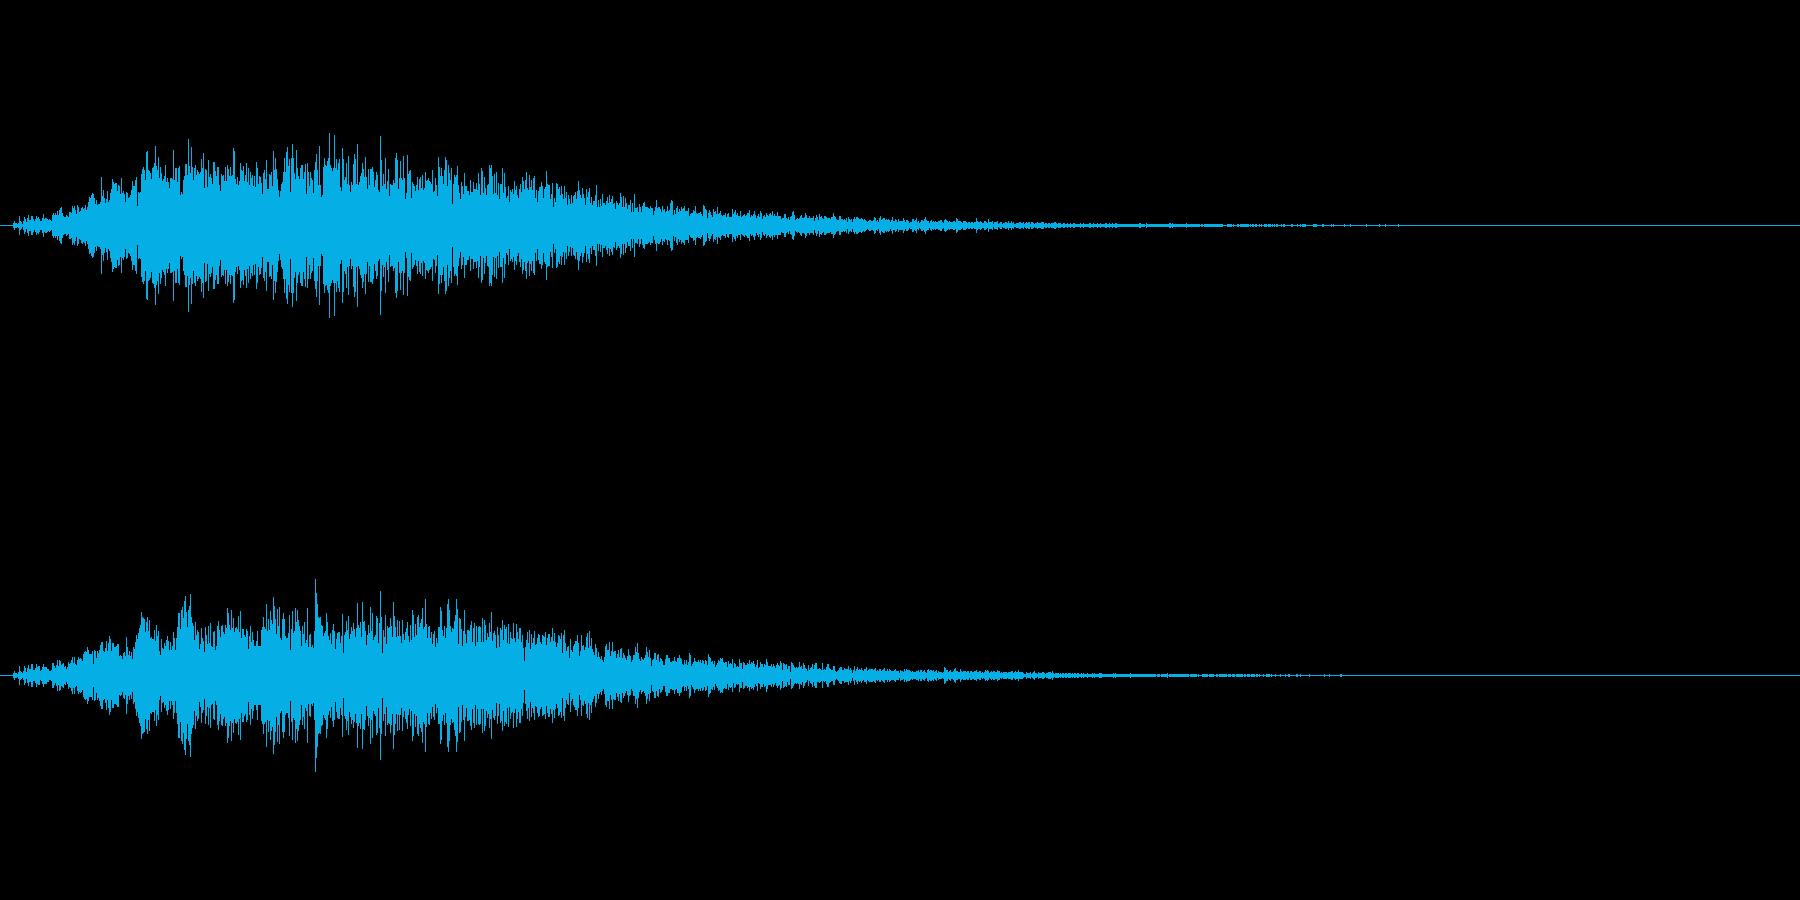 ブォーン(闇の魔法、エフェクト)の再生済みの波形